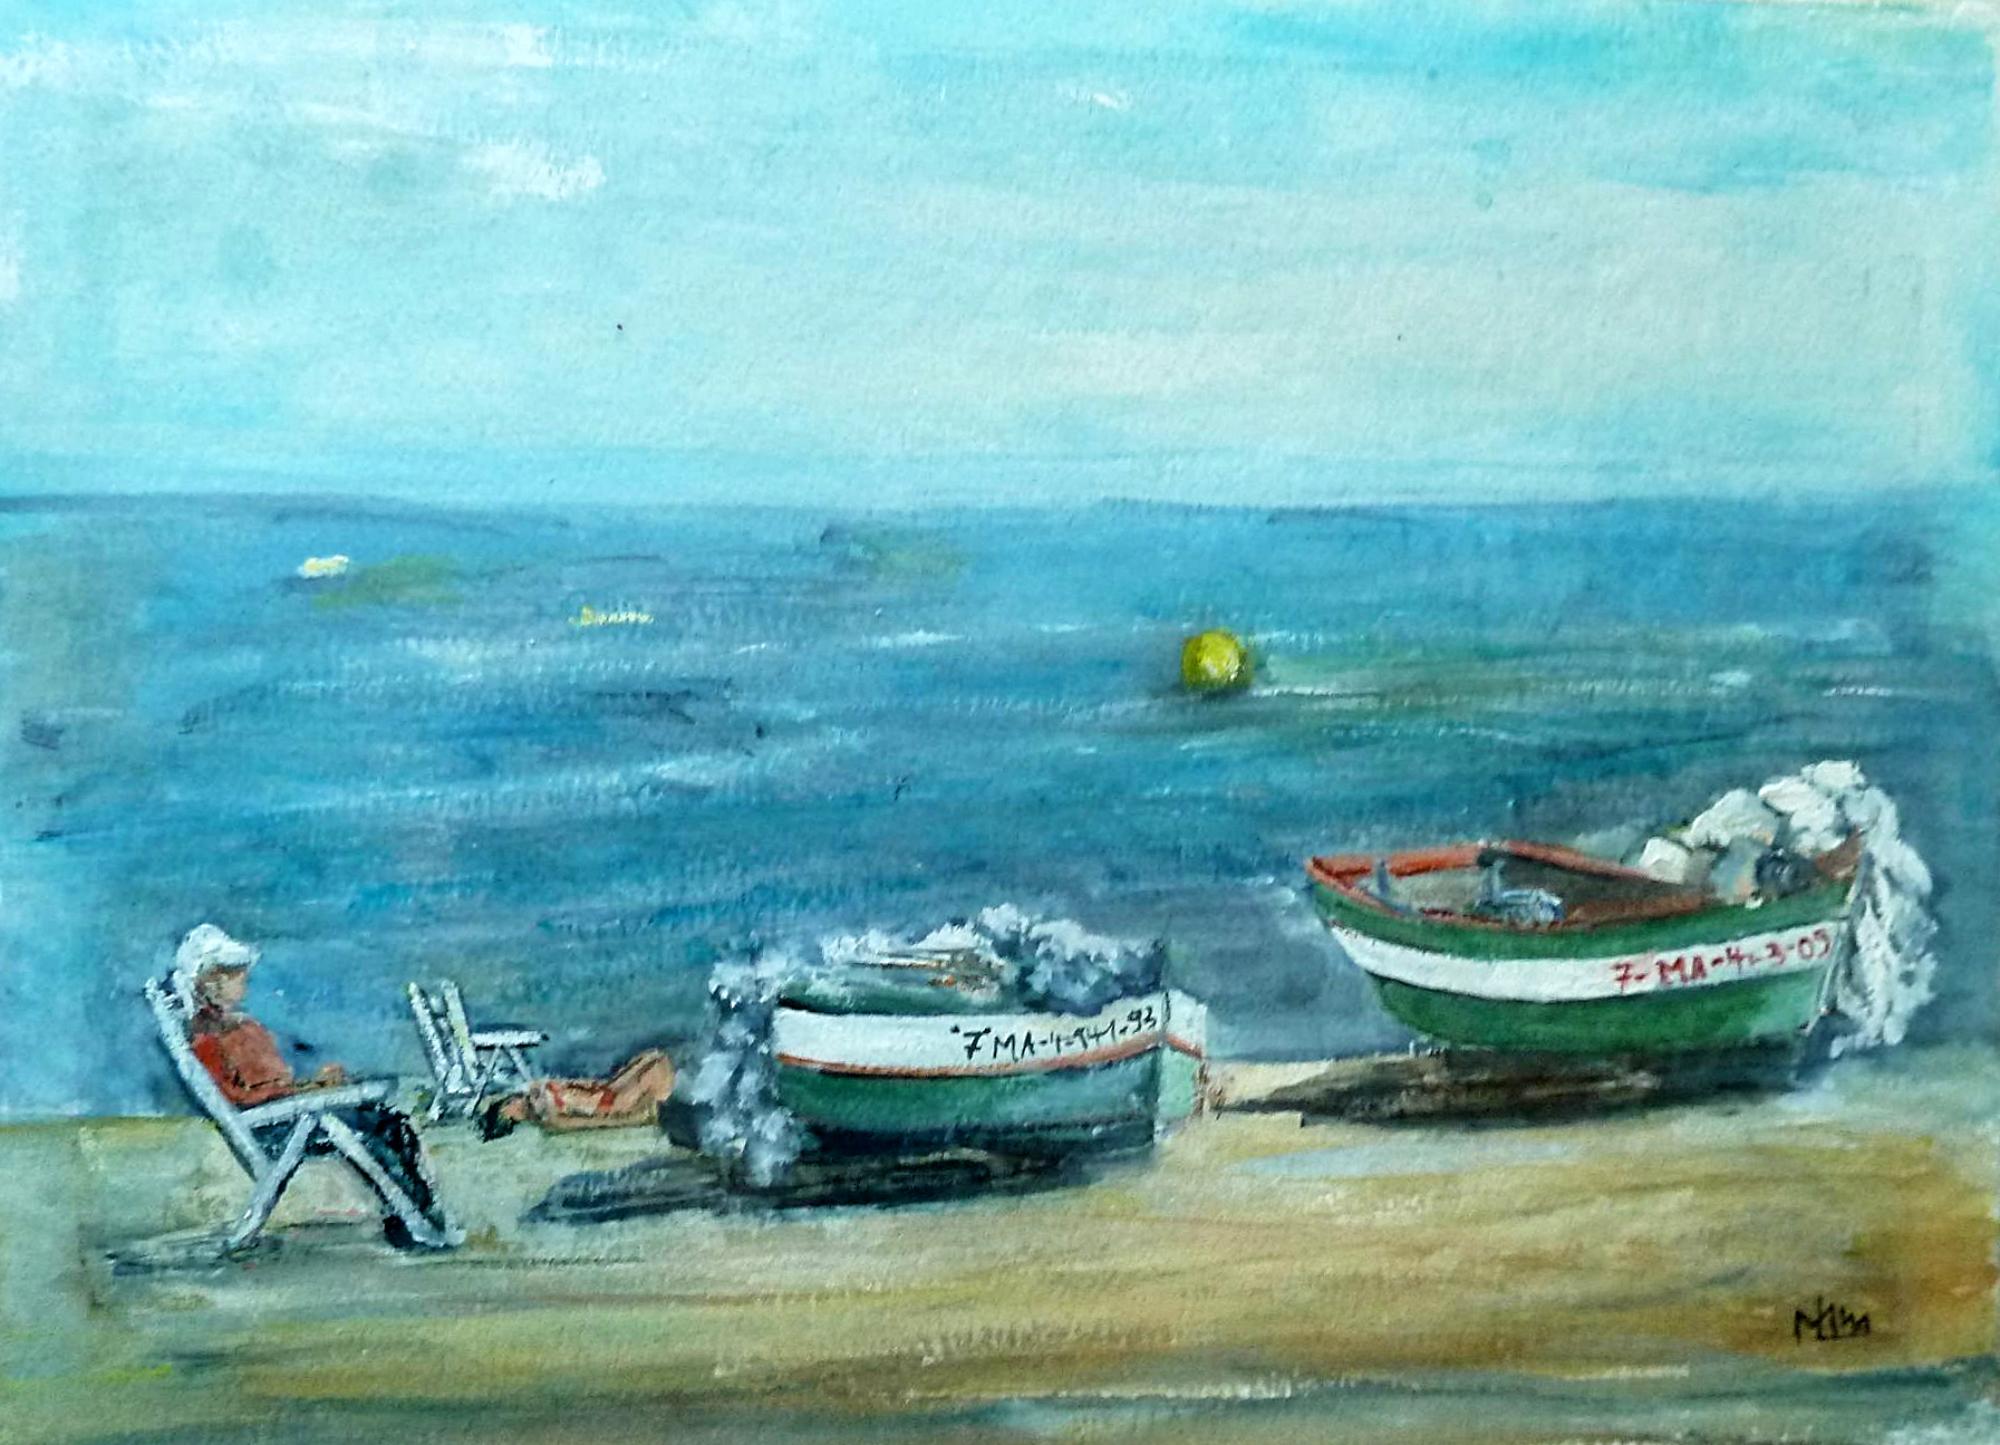 2010 - Am Meer, 40x50cm, Acryl-Spachteln